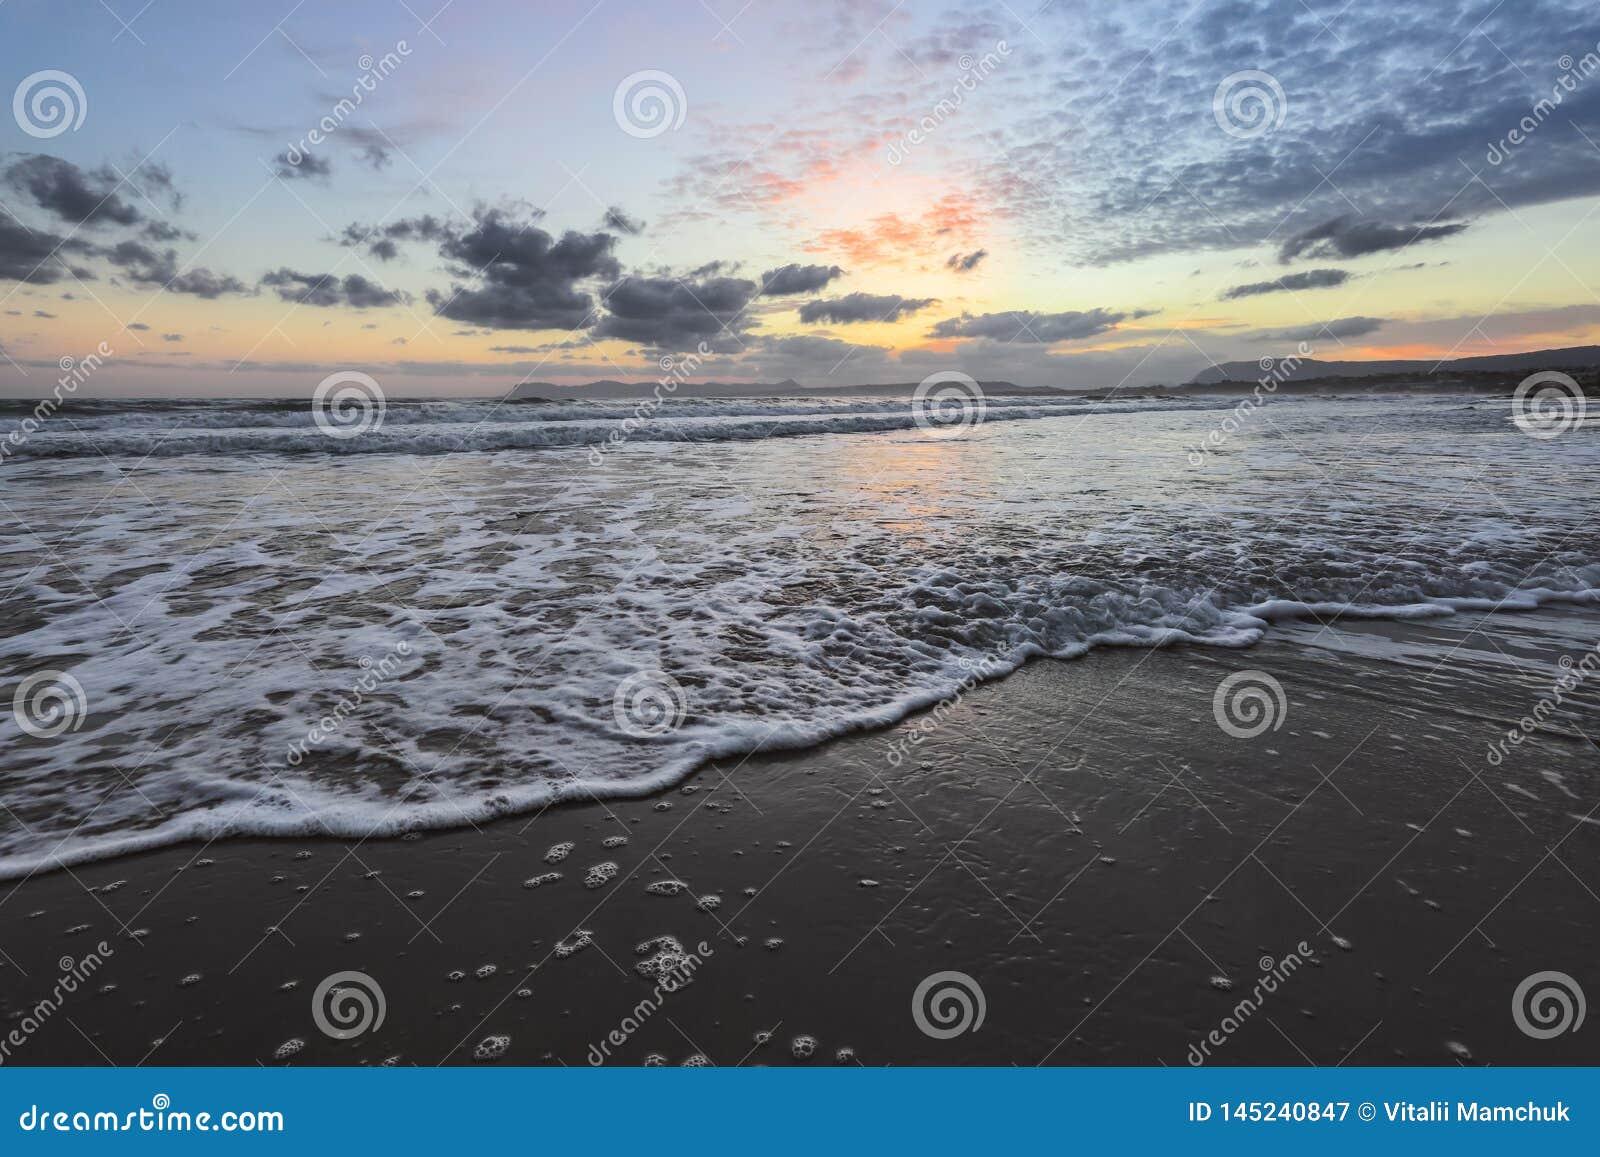 De hoge golven met schuim spreiden op het zand op de tijd van de kust Predageraad uit Het licht van ongelooflijke zonsondergang o